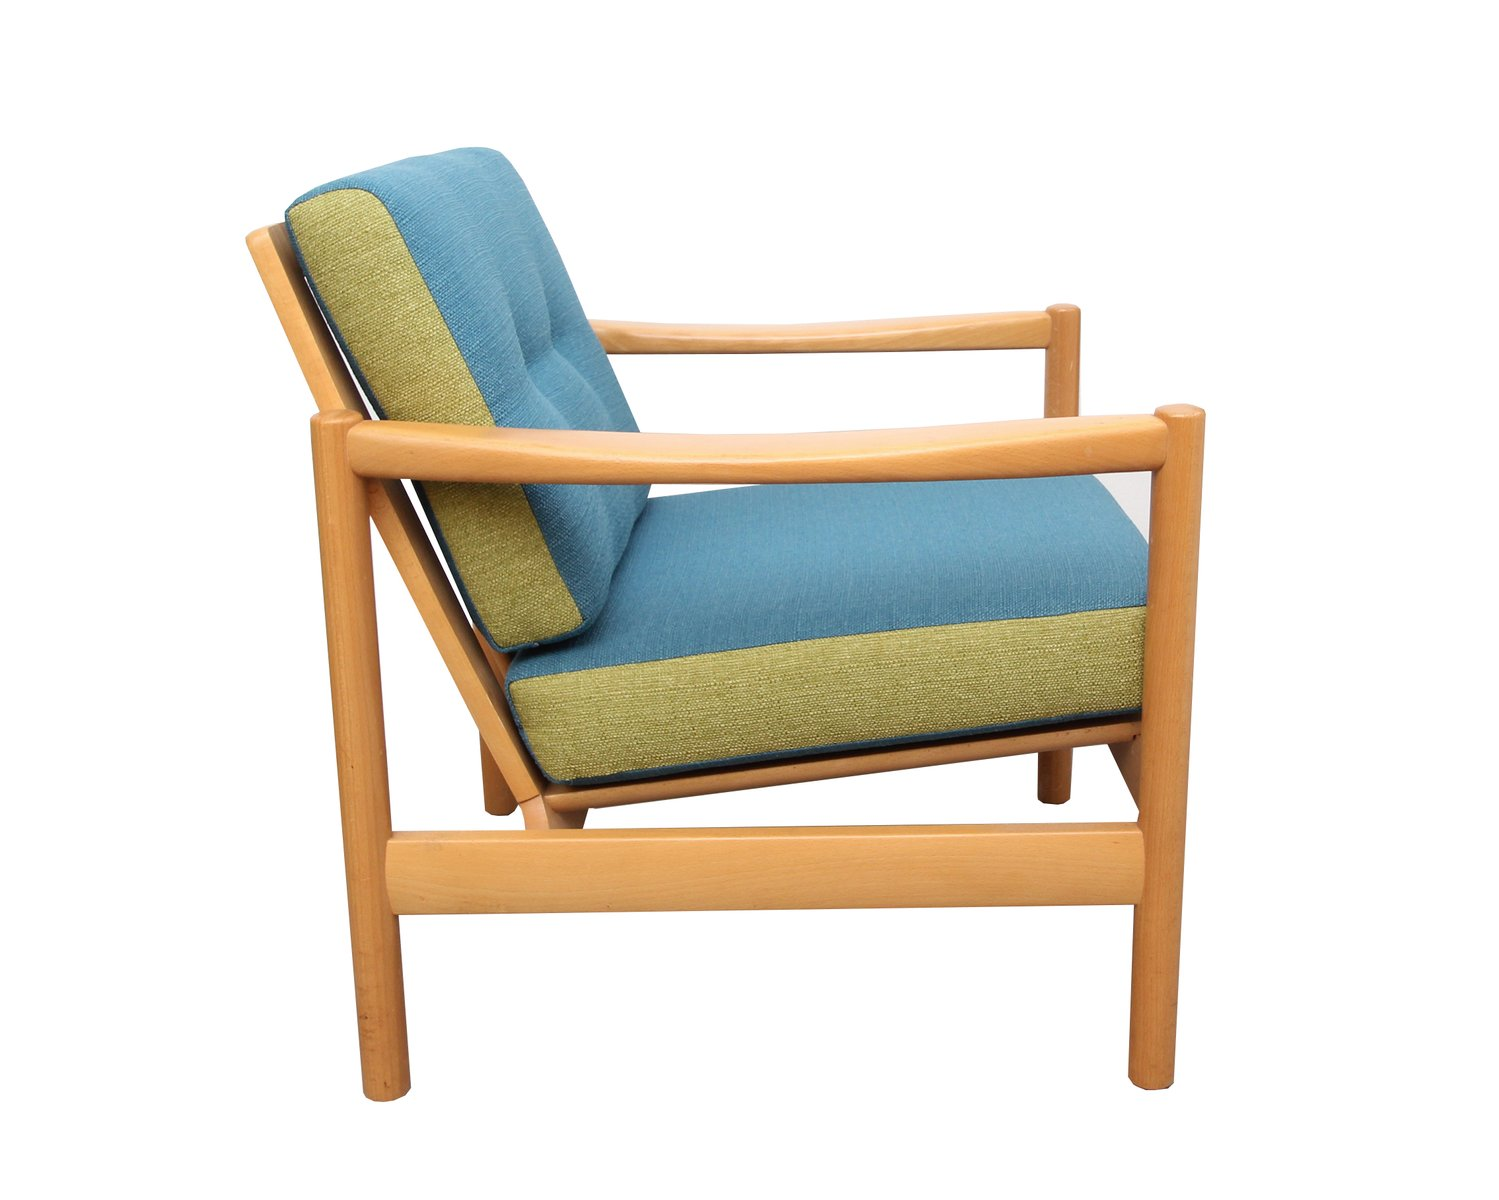 Sessel in Blau & Hellgrün, 1960er